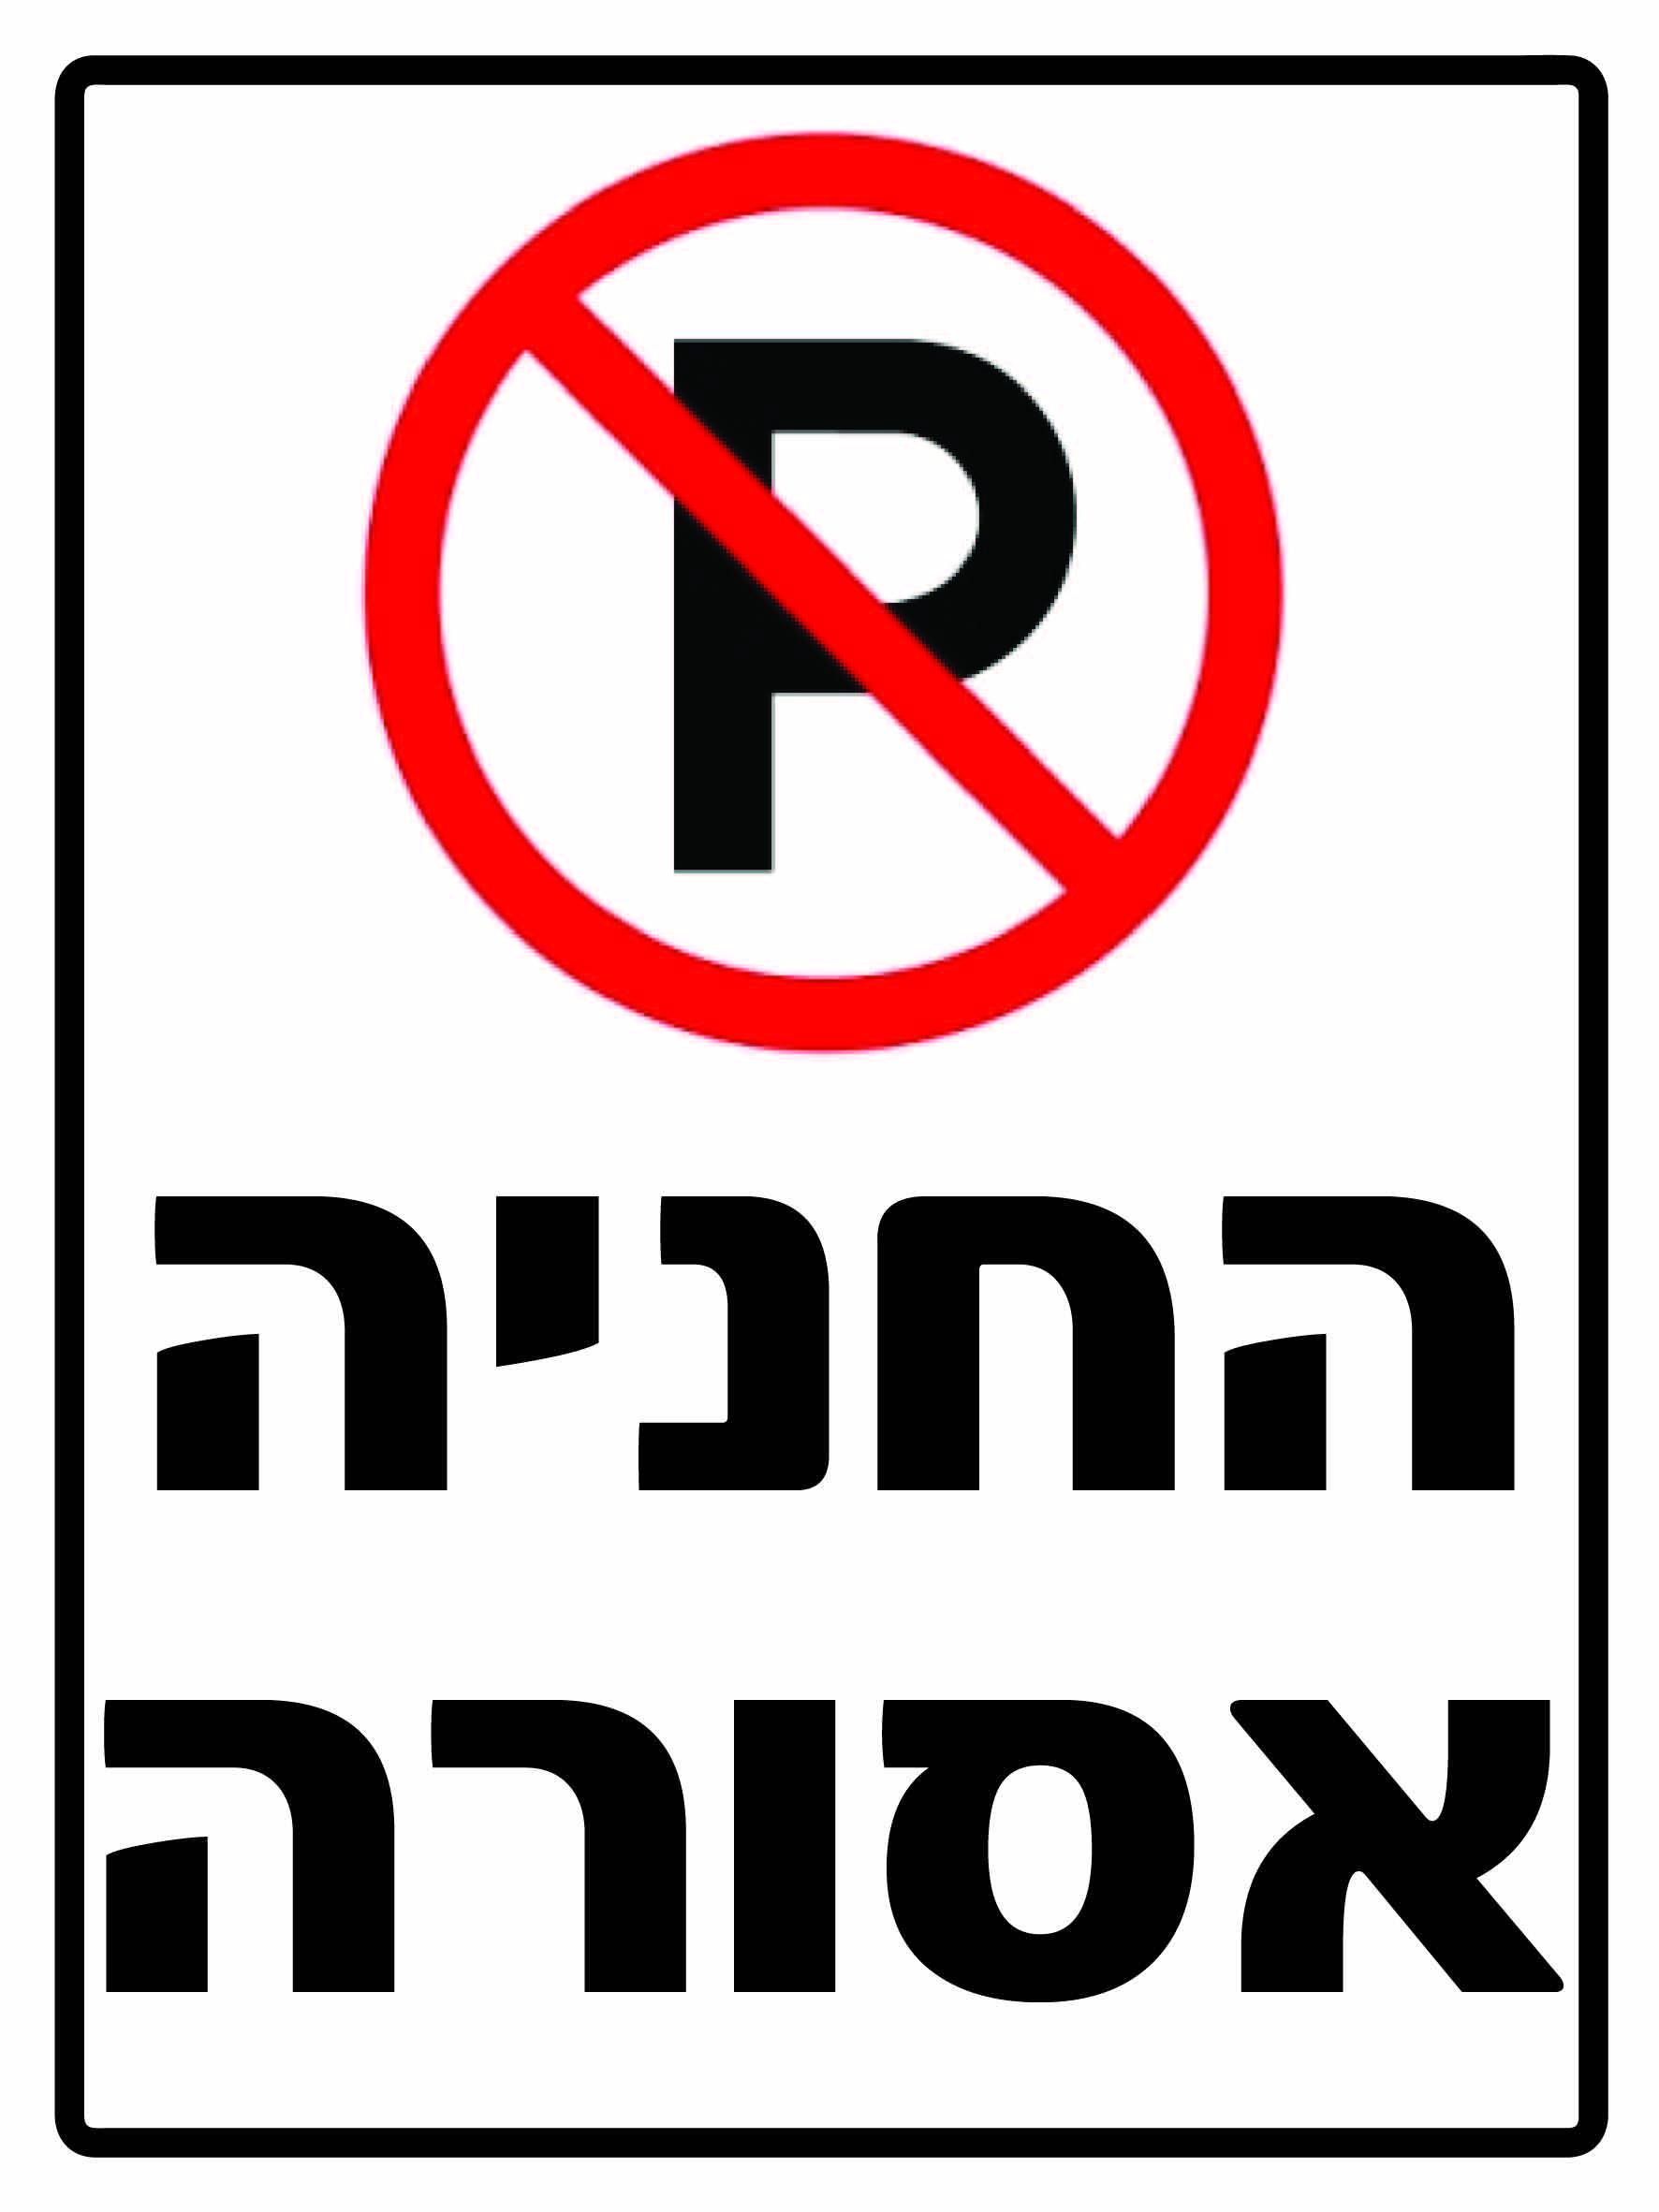 החניה אסורה גדלים לפי דרישה